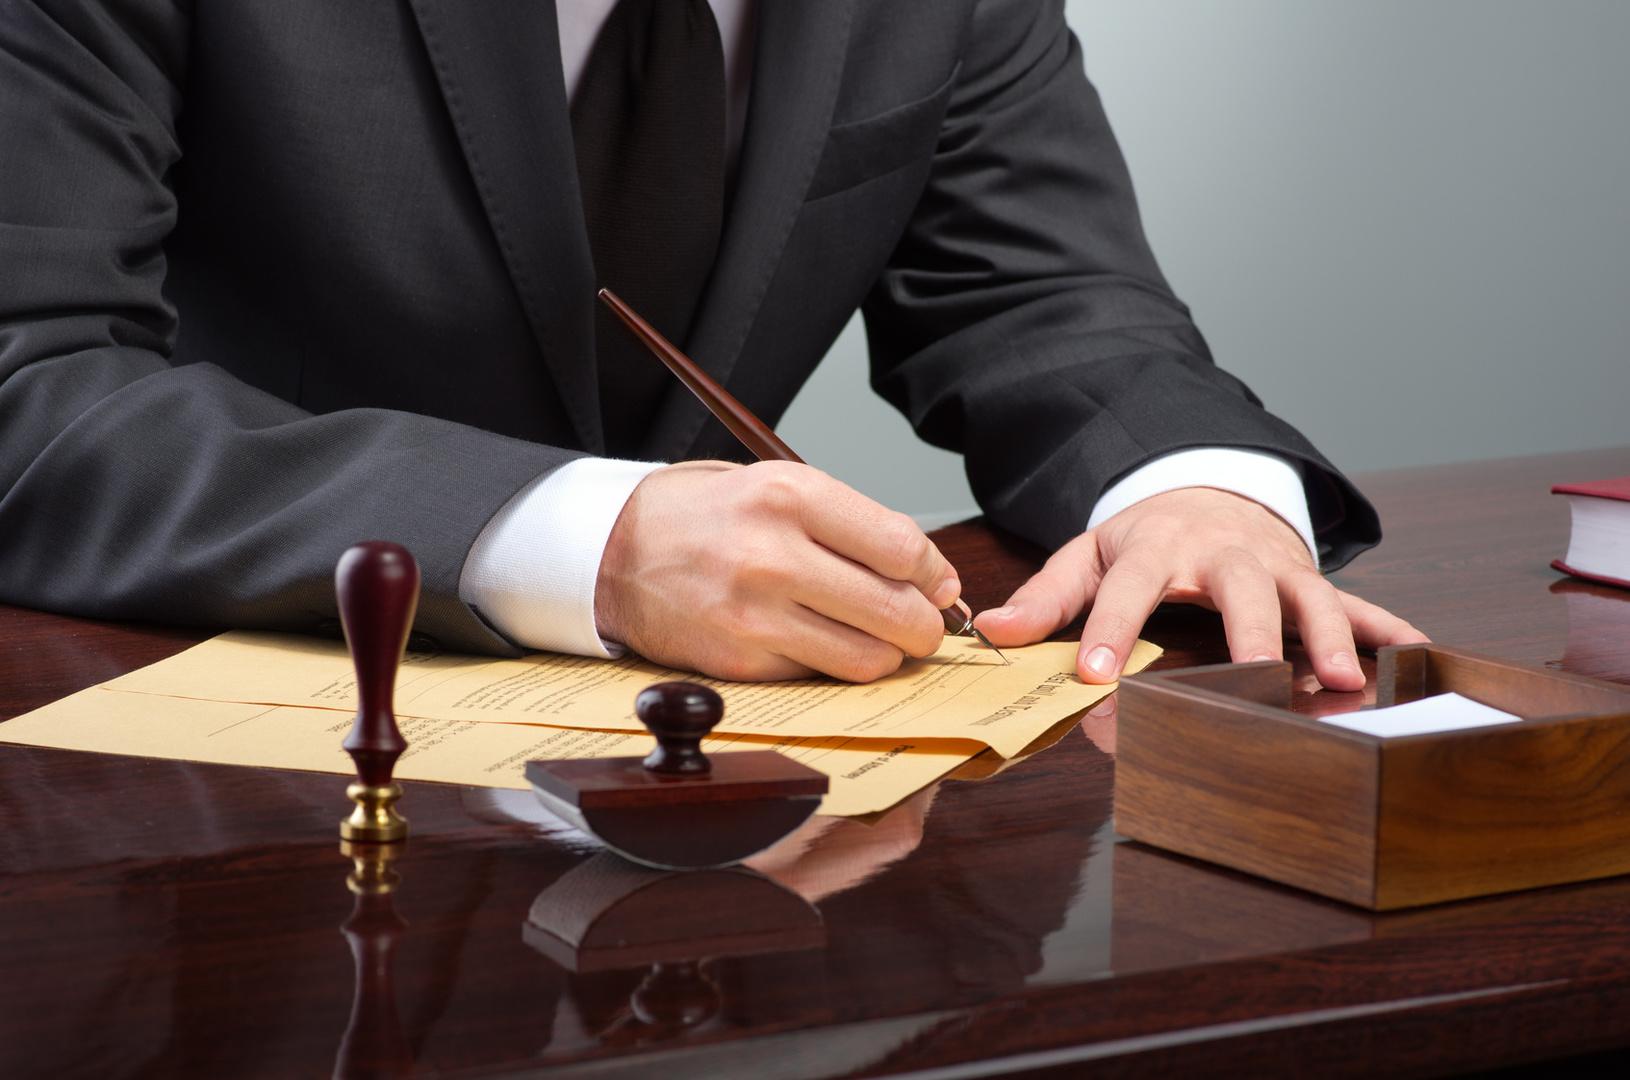 услуги адвоката, услуги юриста,консультация по юридическим вопросам, консультация адвоката